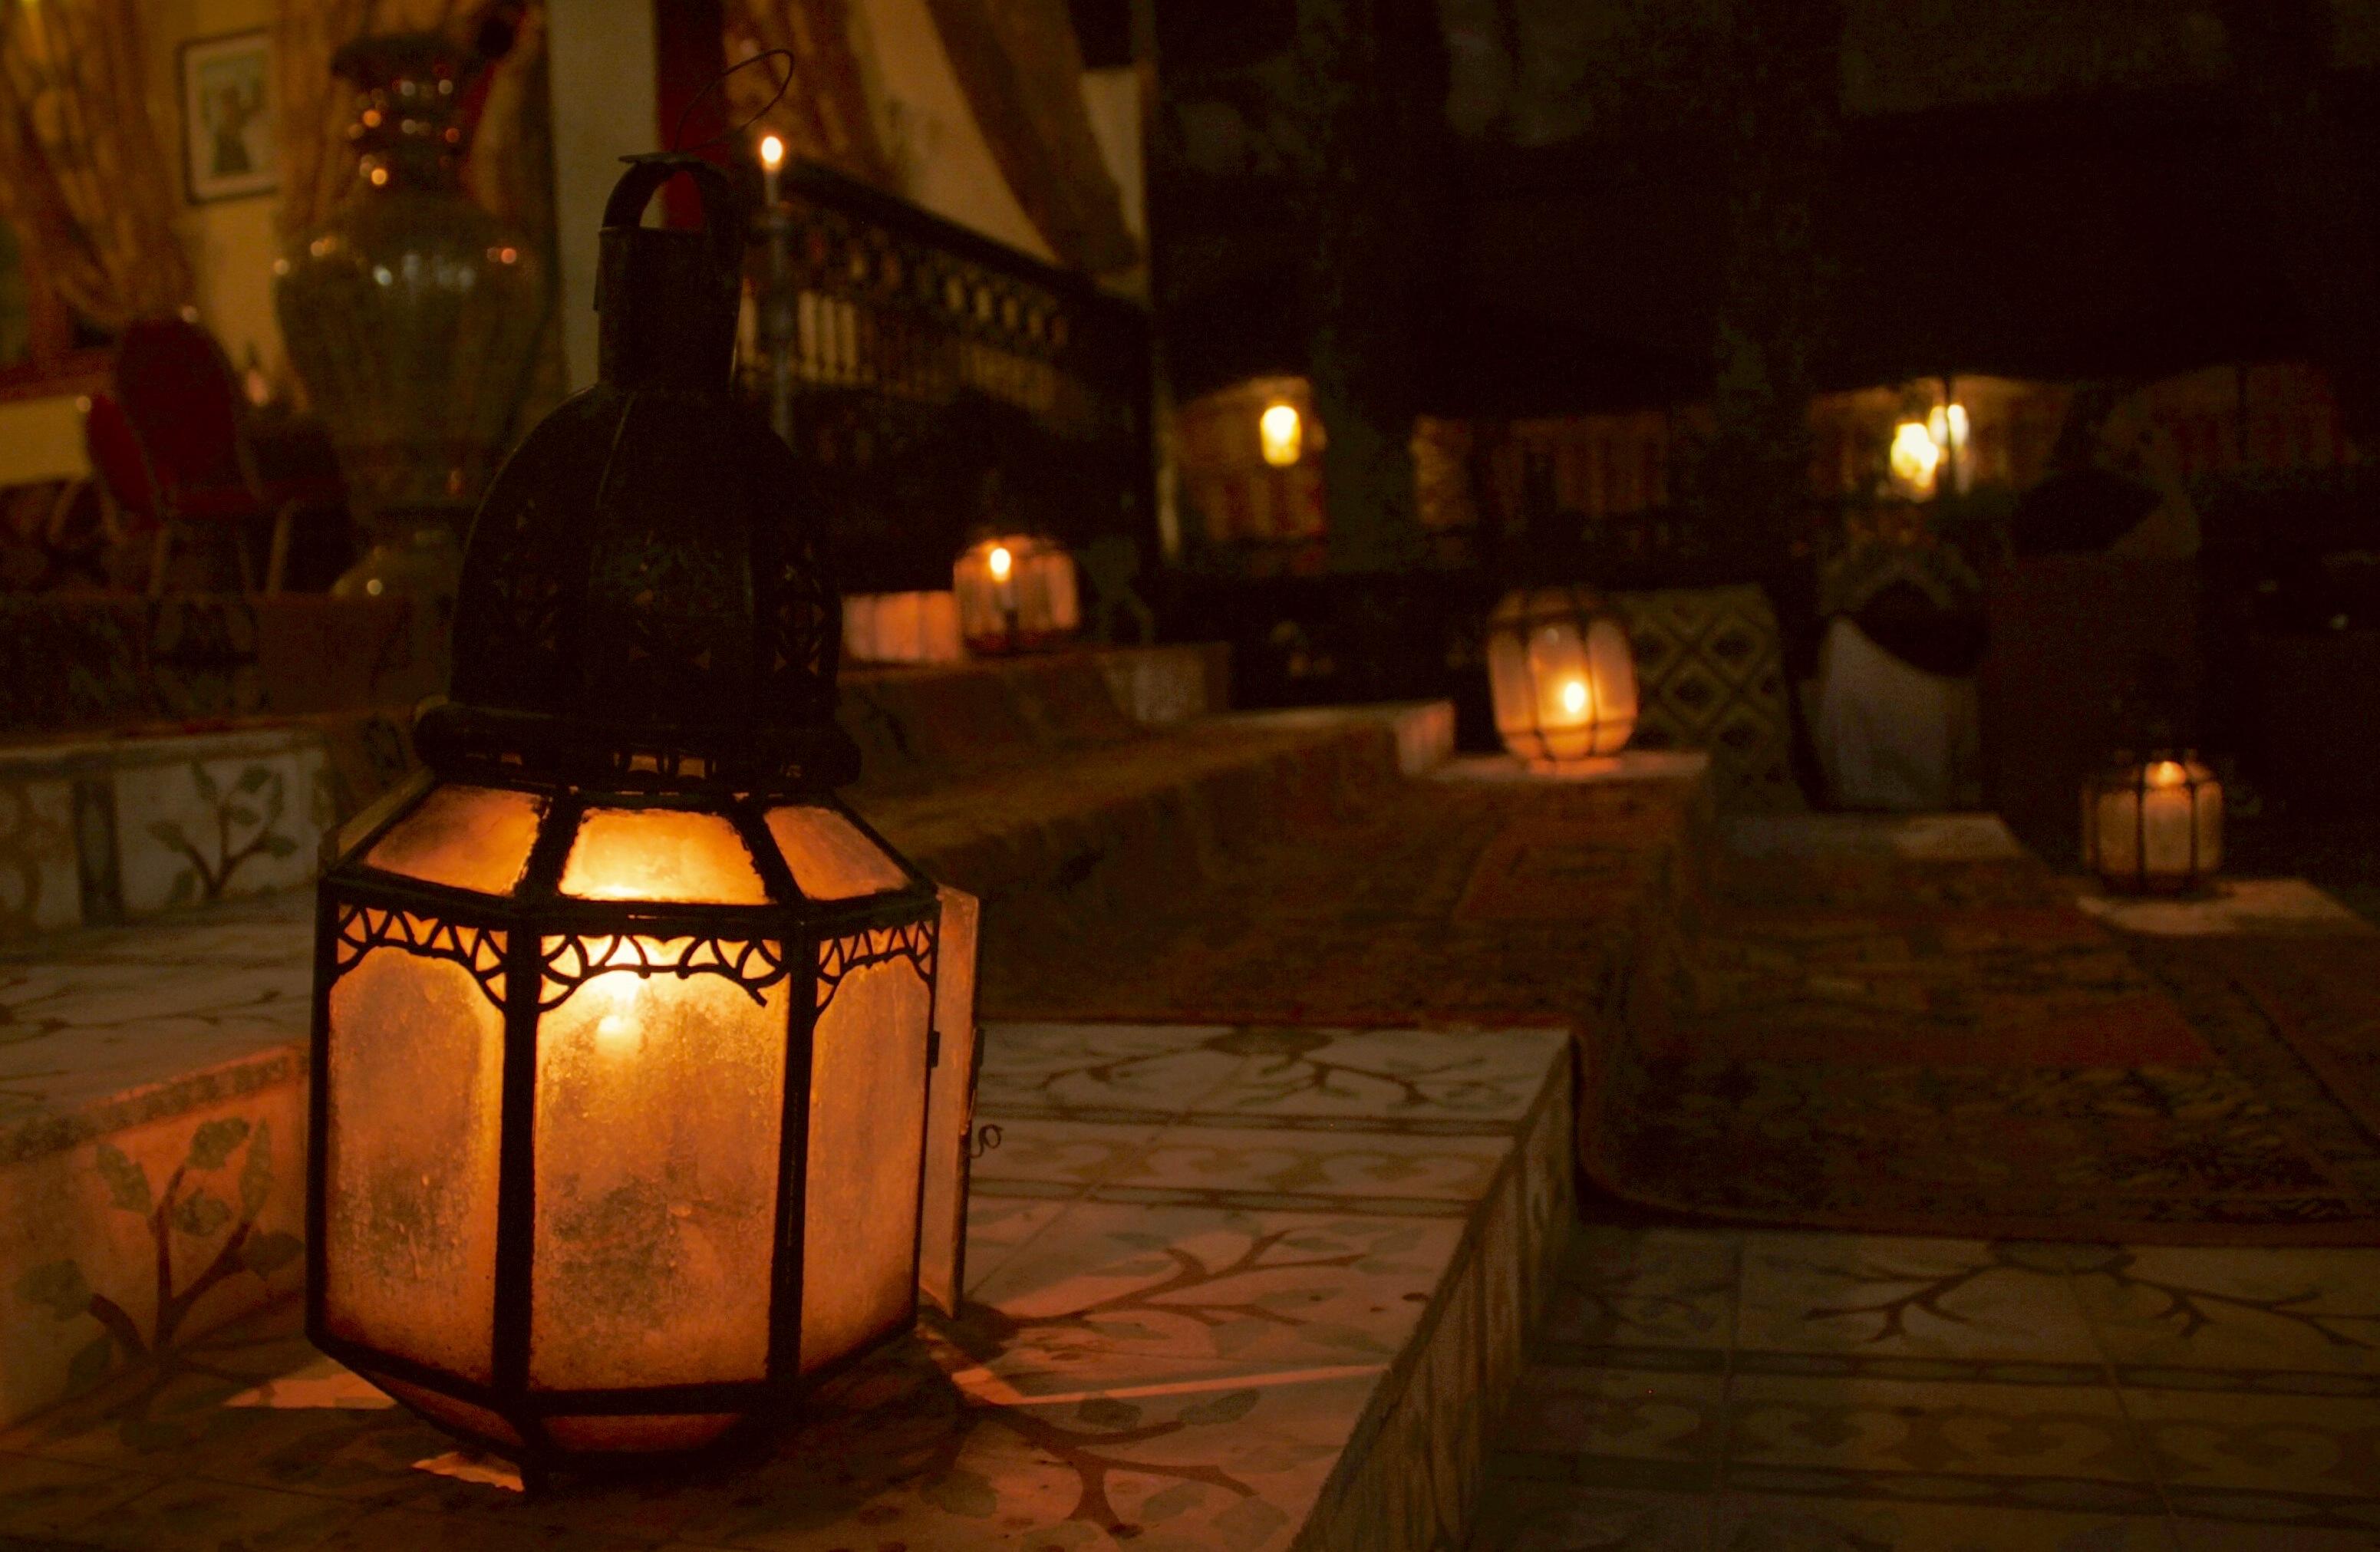 L'atmosfera indimenticabile delle serate marocchine